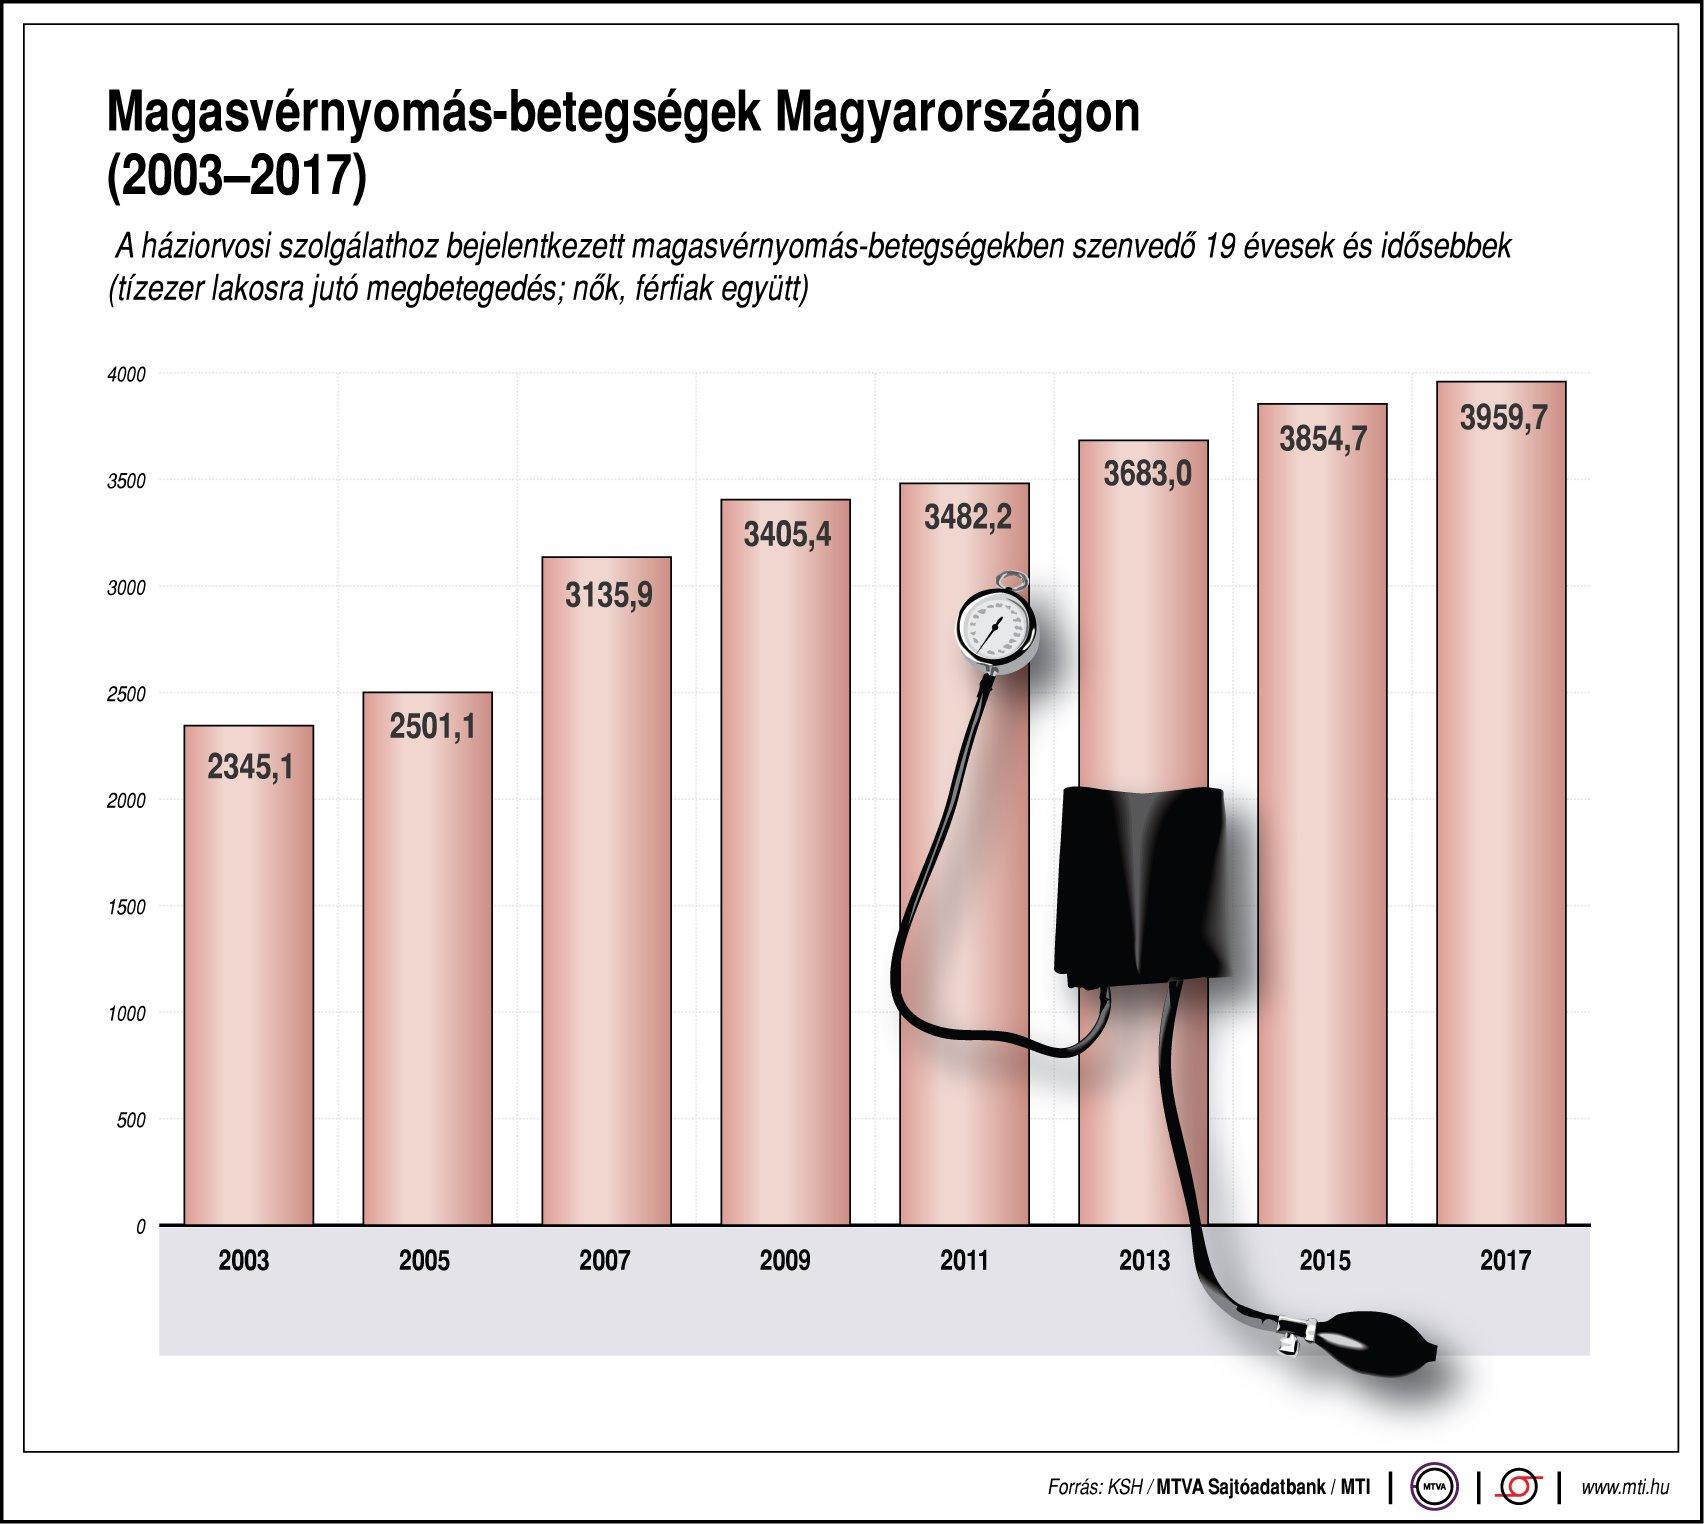 magas vérnyomás 1 szakasz 1 fokozat 4 kockázat betahisztin és magas vérnyomás